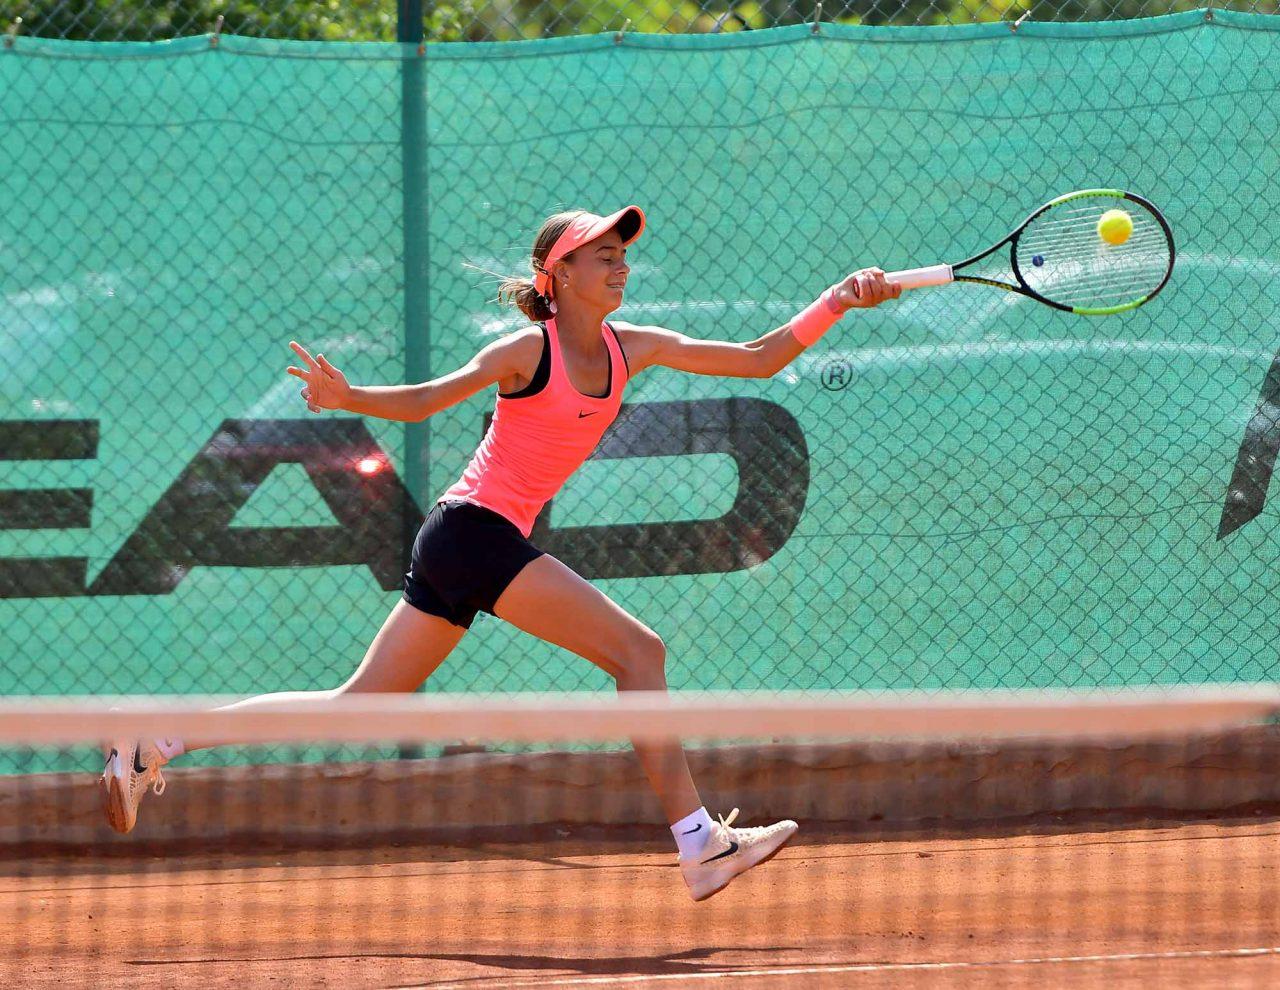 Държавно първенство тенис до 14 год. ТК 15-40 момичета (26)